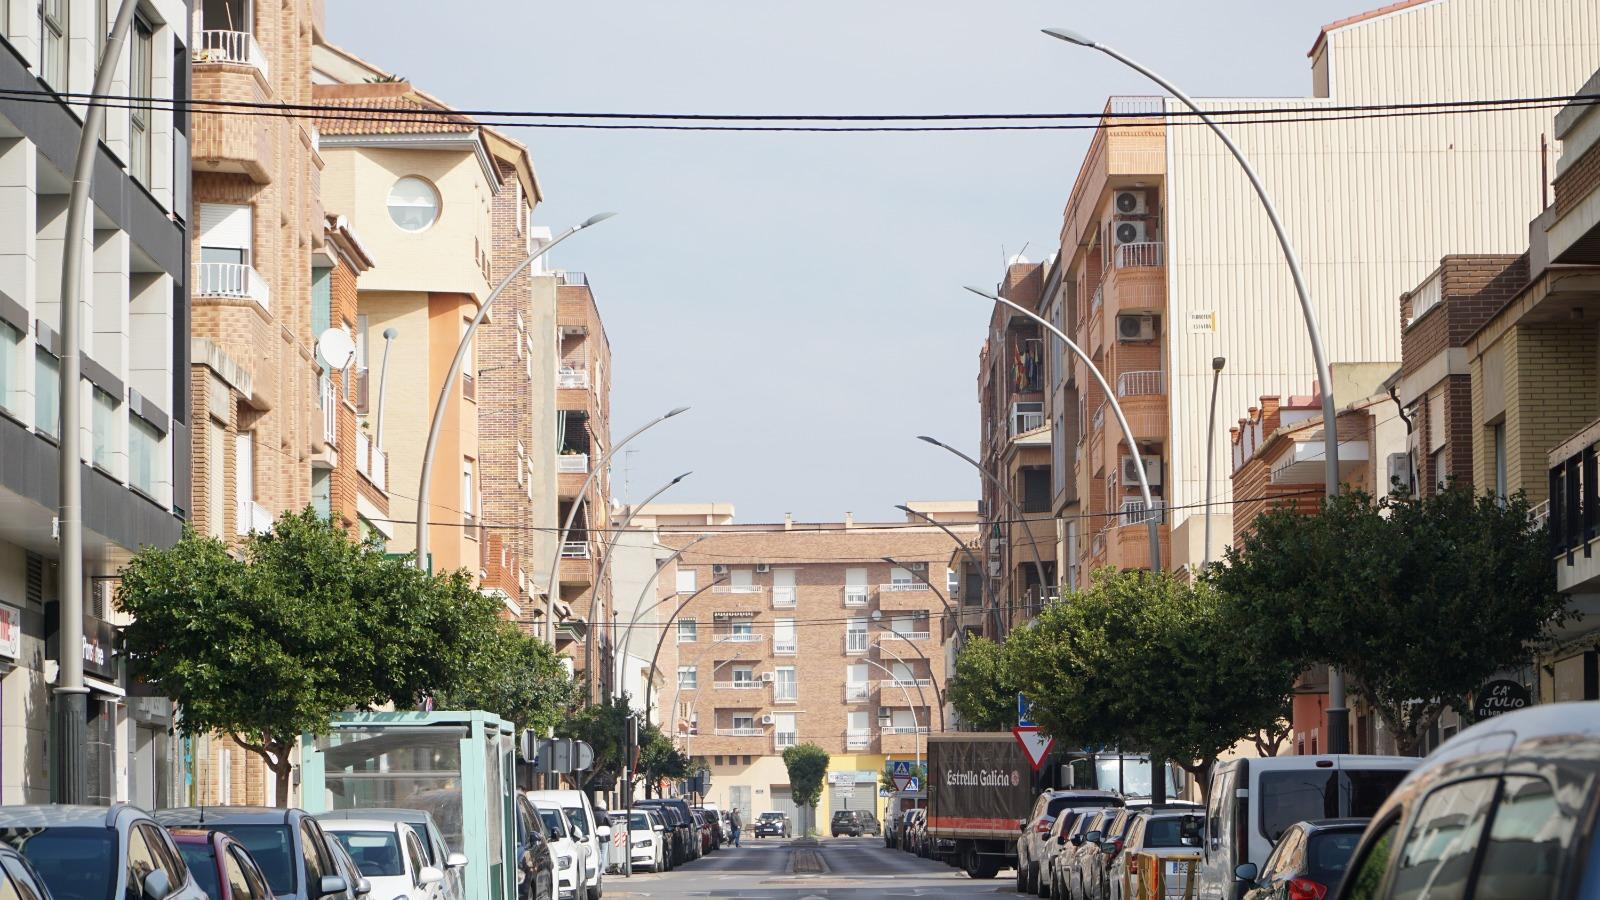 La Pobla de Vallbona assumeix el dret de tanteig i retracte en la compra d'habitatges entre fons inversors